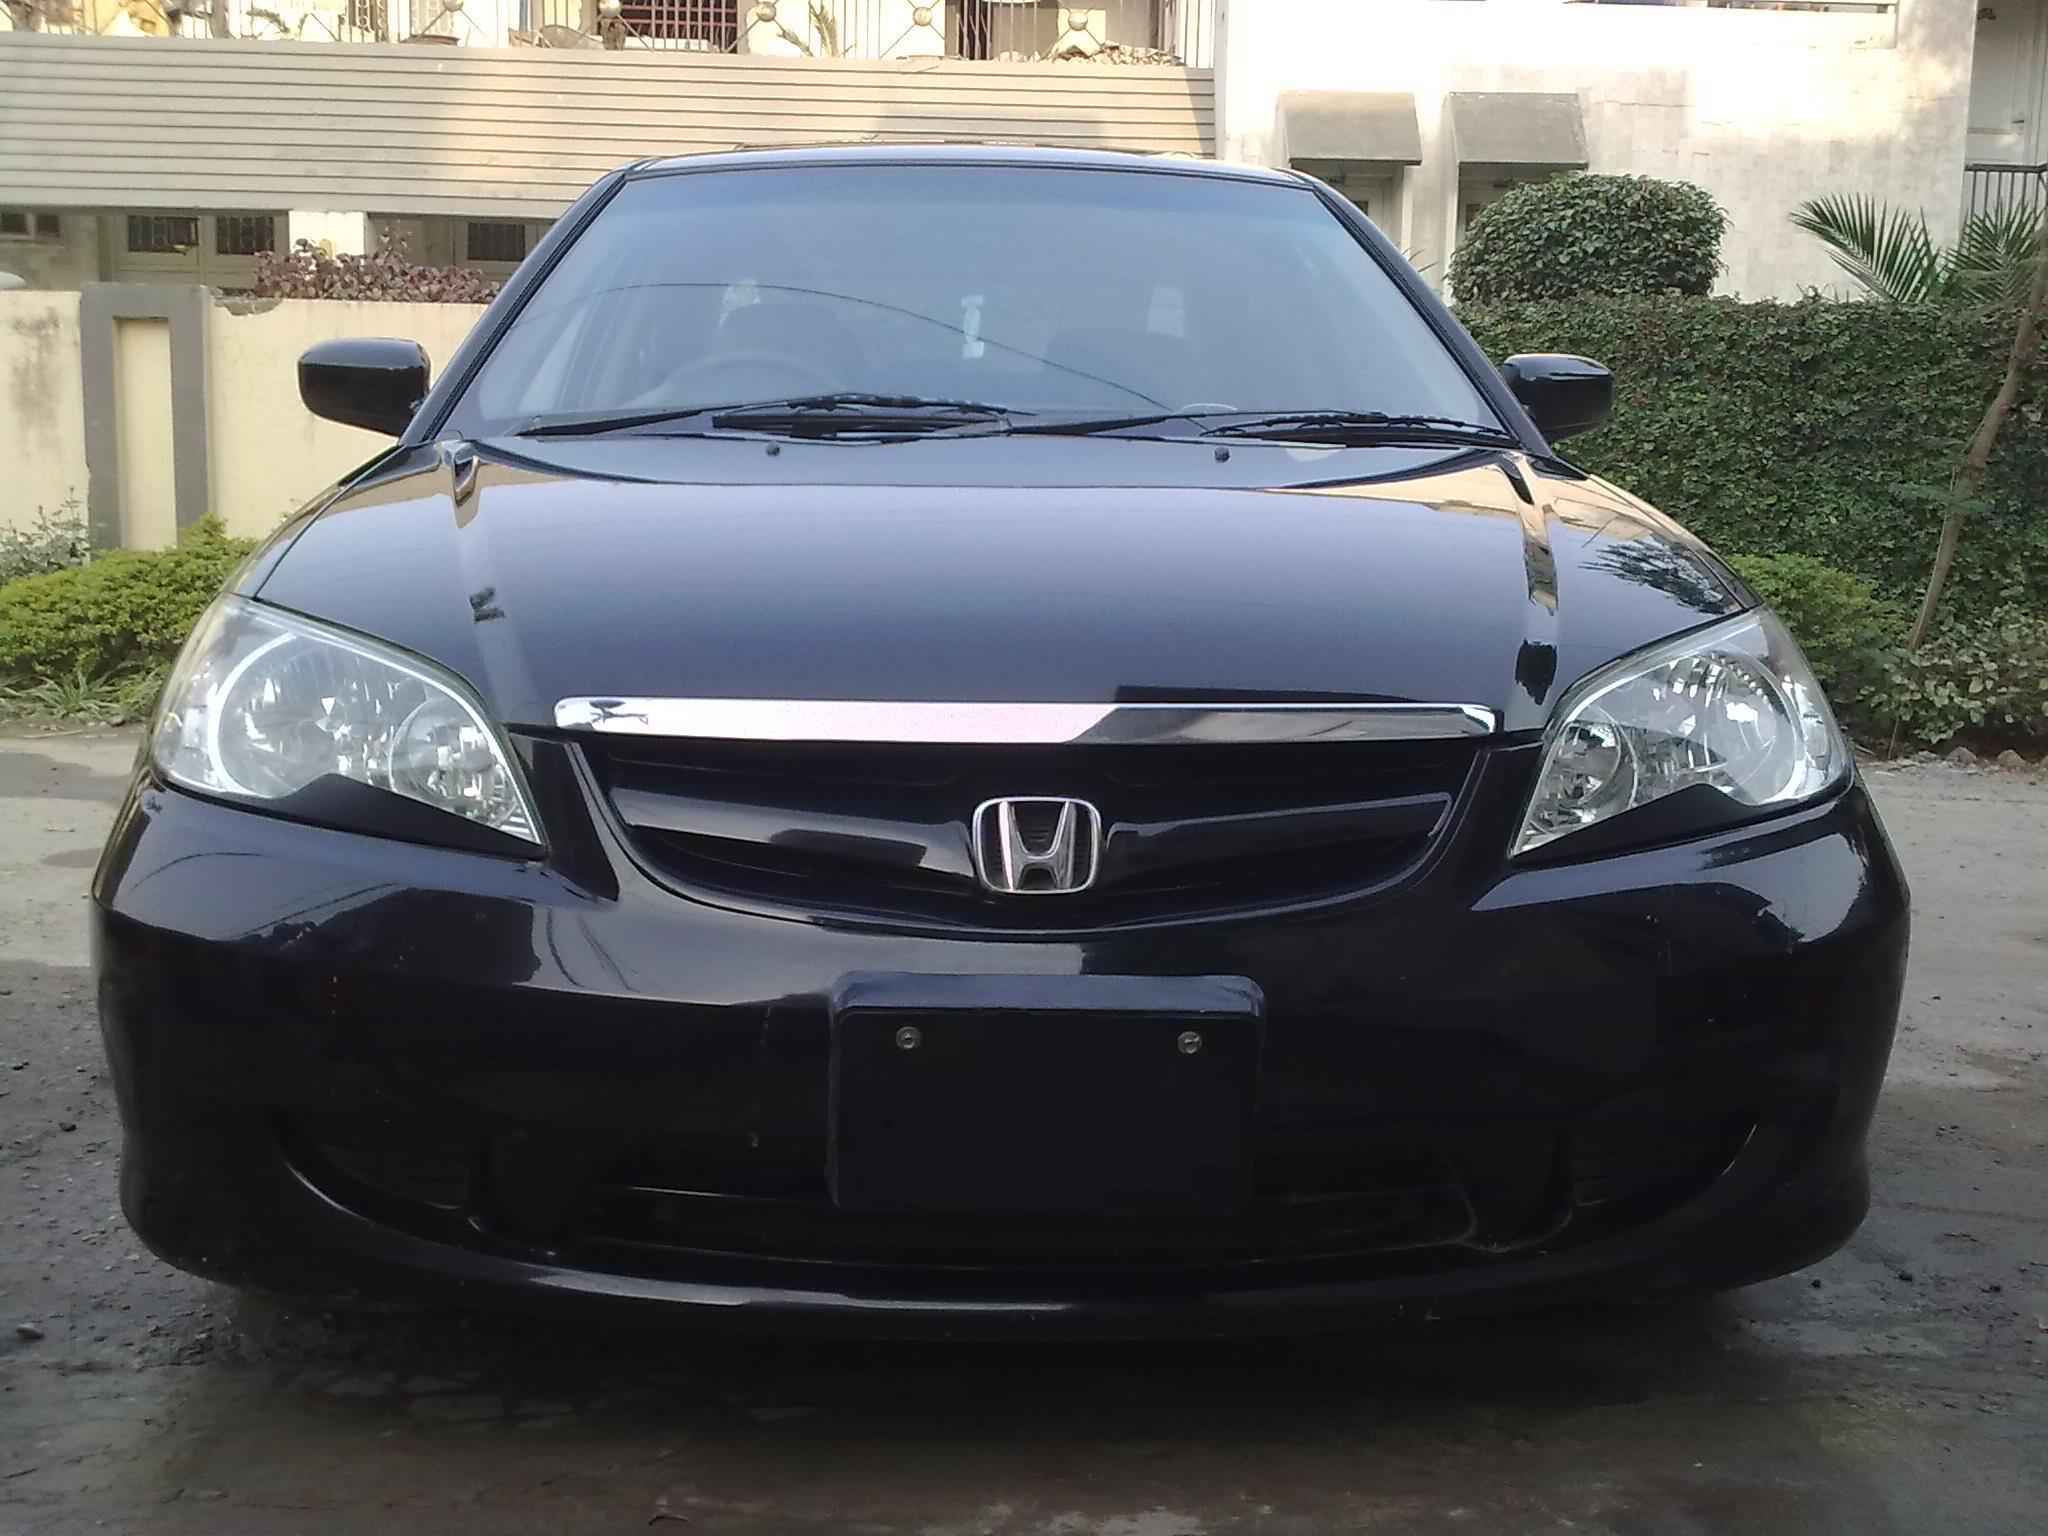 Honda Civic 2005 Of Usmanulamin Member Ride 14861